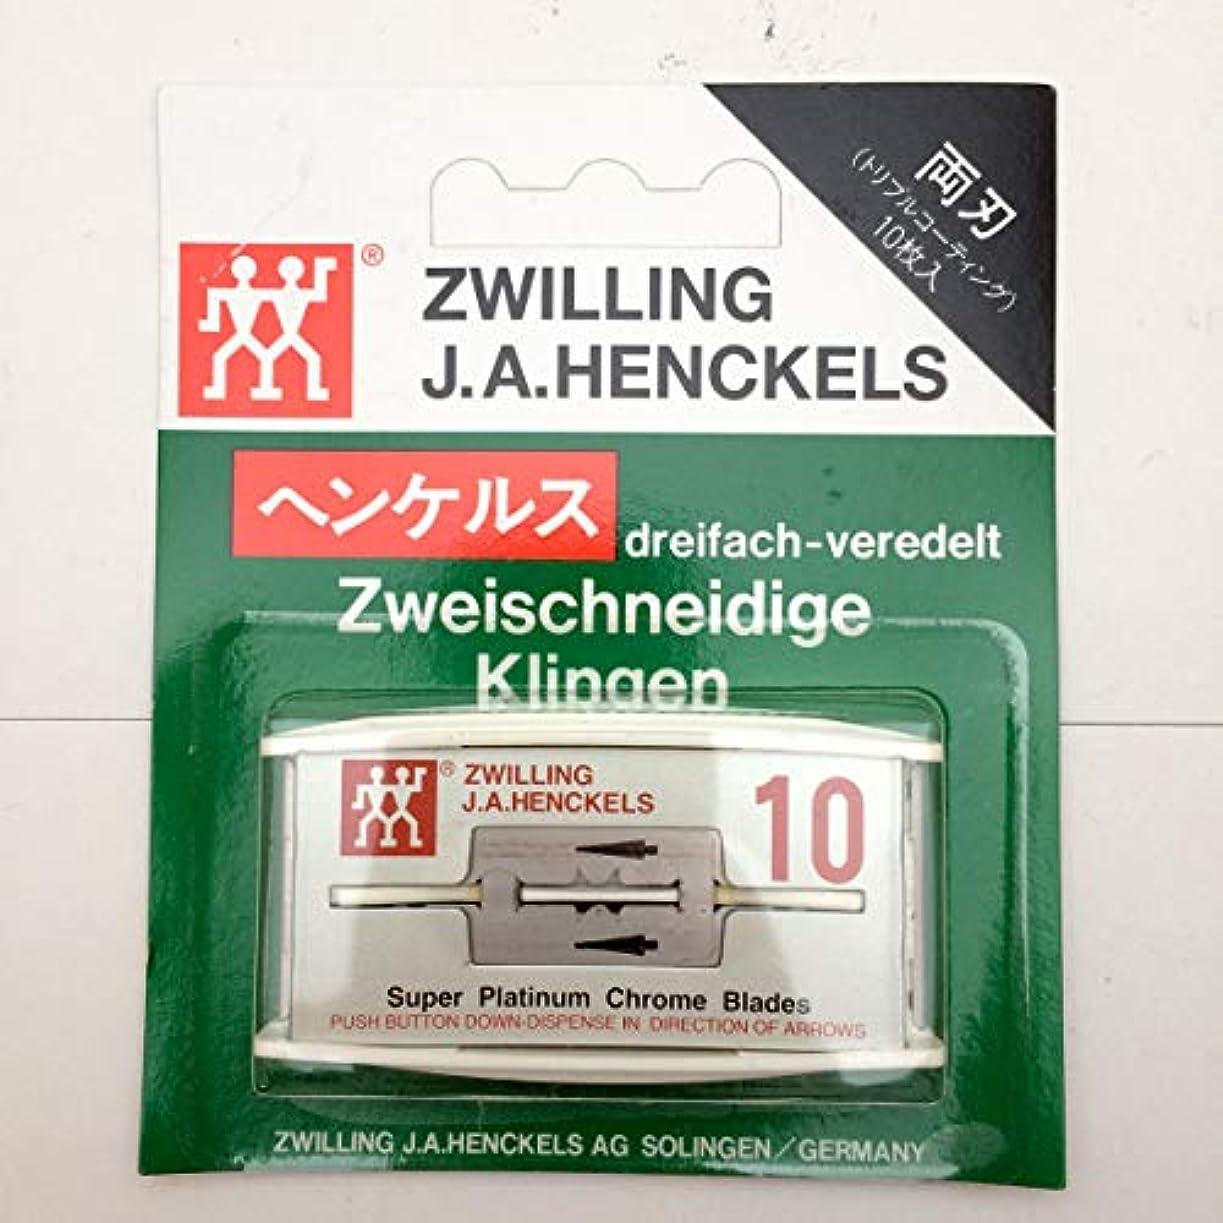 仮装性能船【ヴィンテージ品?数量限定】ツヴィリング J.A. ヘンケルス 両刃 カミソリ 剃刀 替刃 3層コート 10枚入 未開封新品 Vintage 10 Zwilling J.A. Henckels double edge razor...